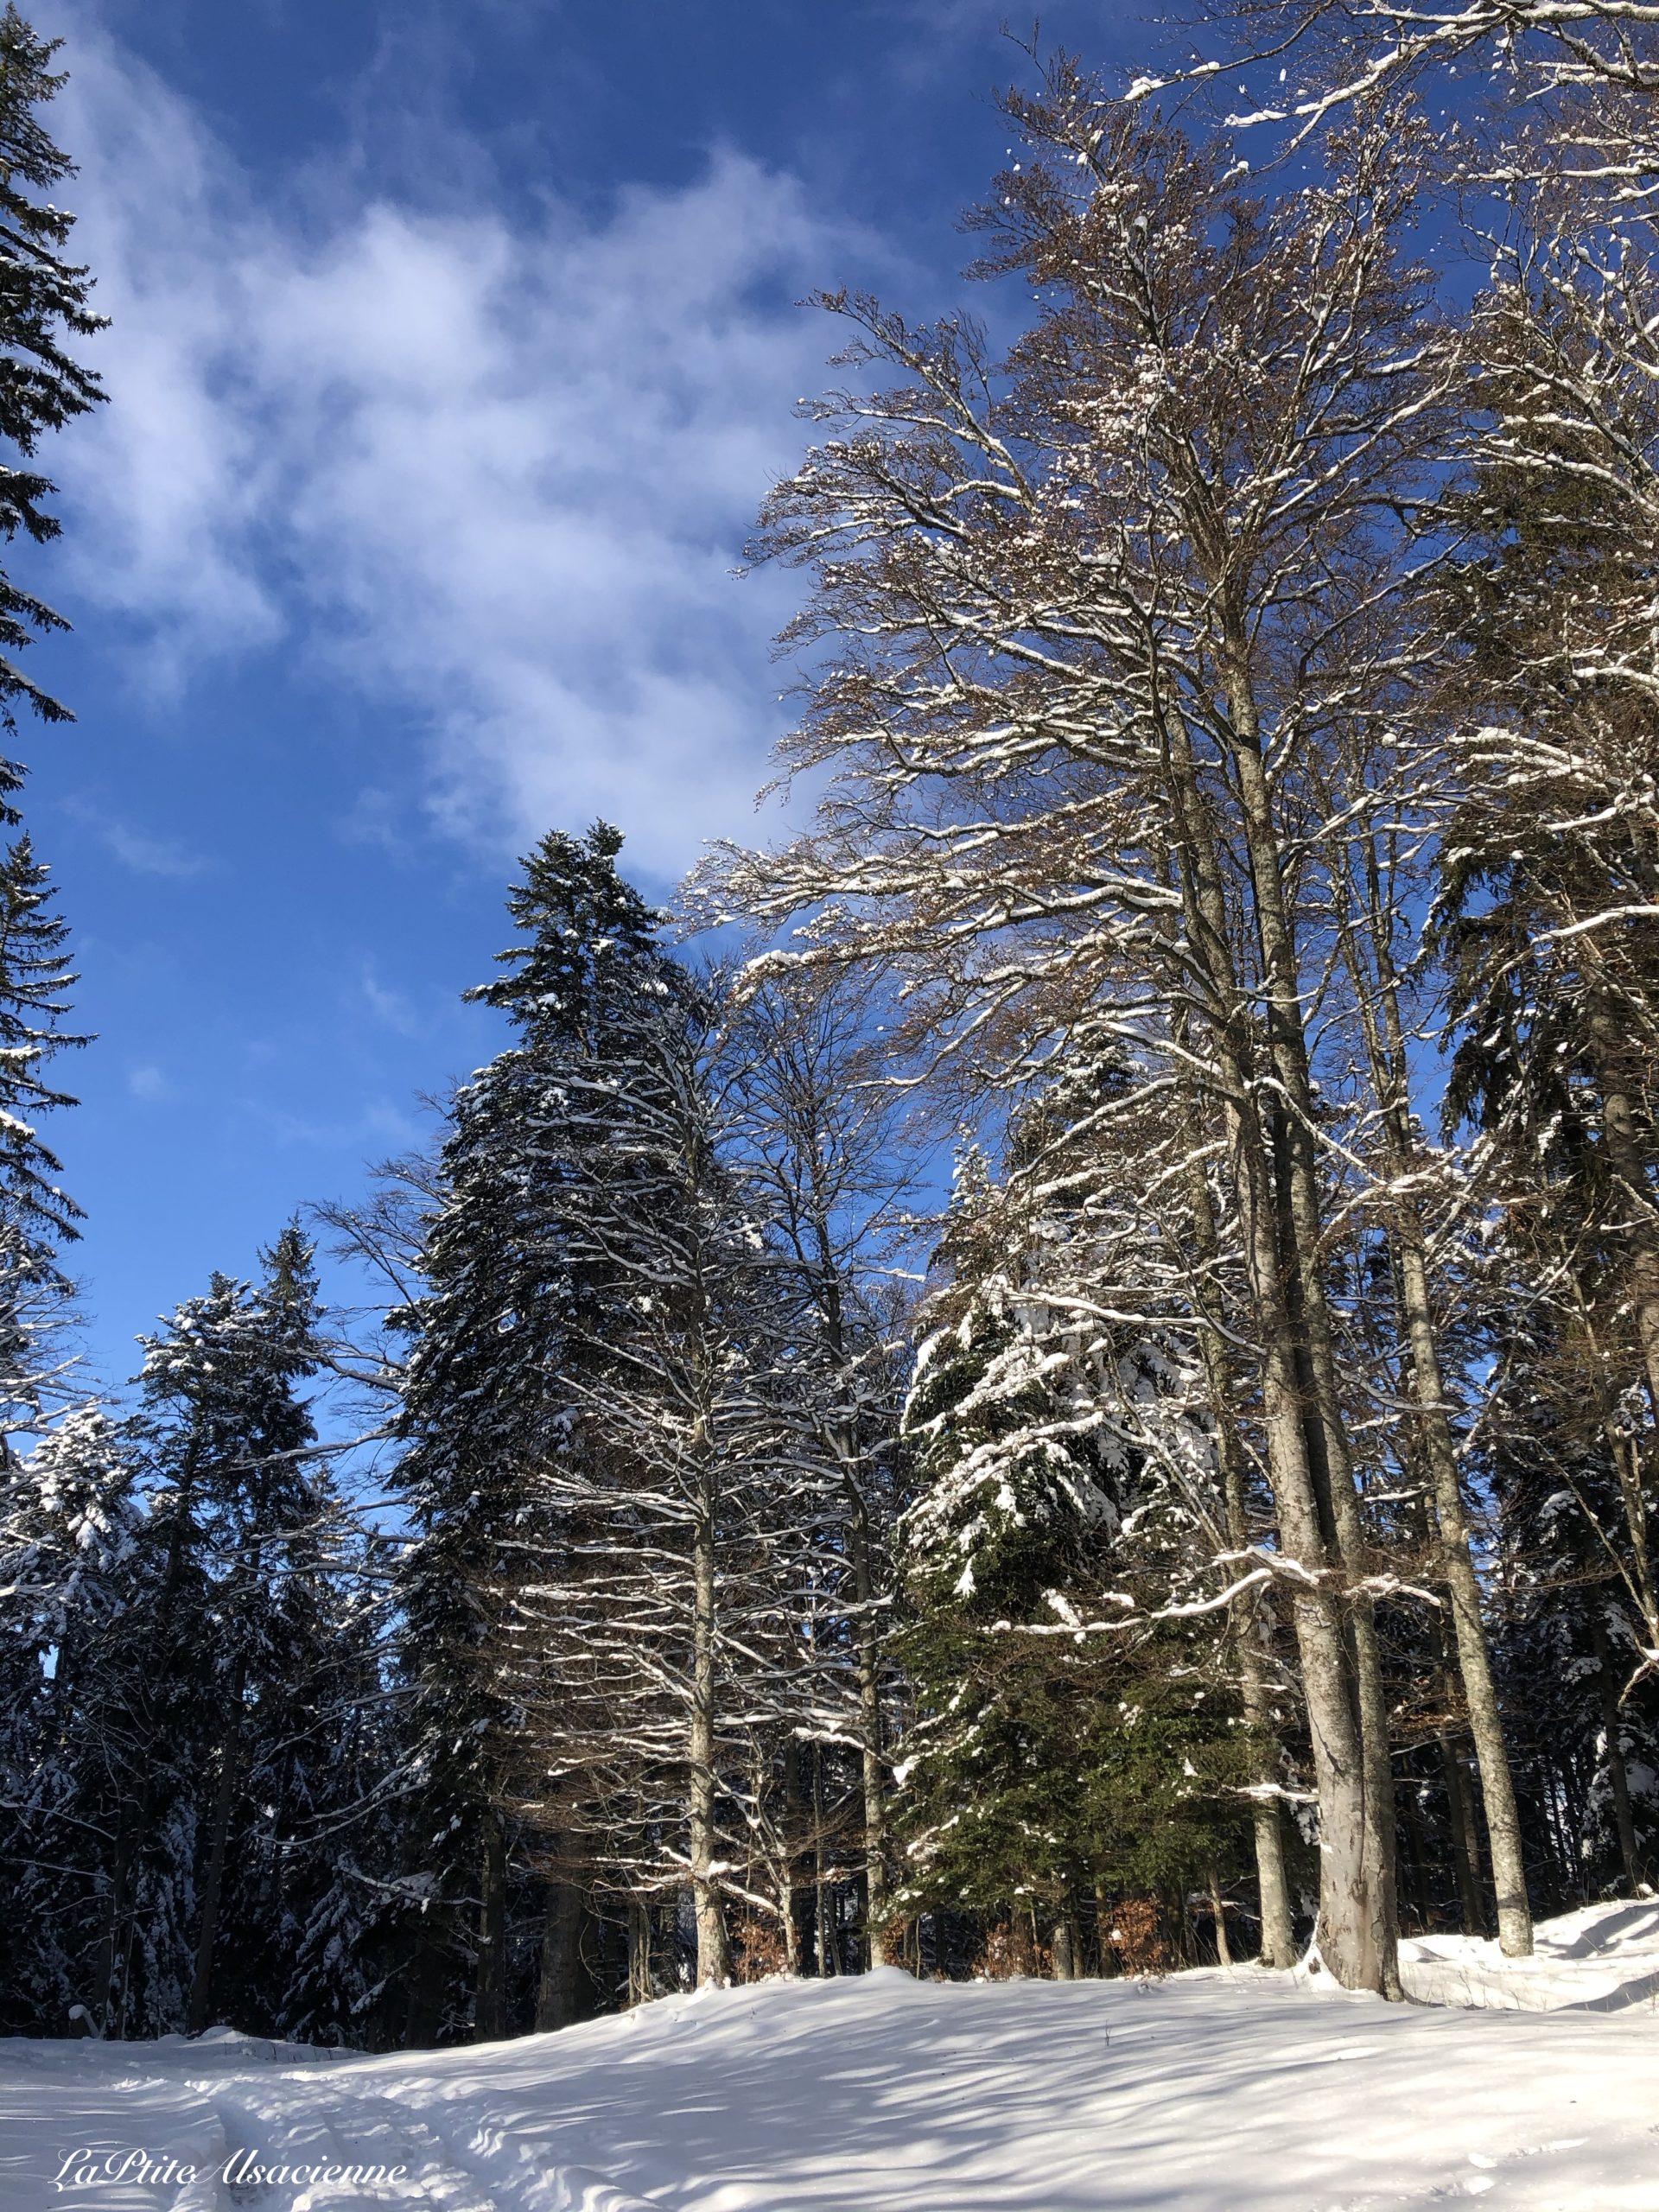 vers lieserwasen et judenhut neige et arbres et ciel bleu